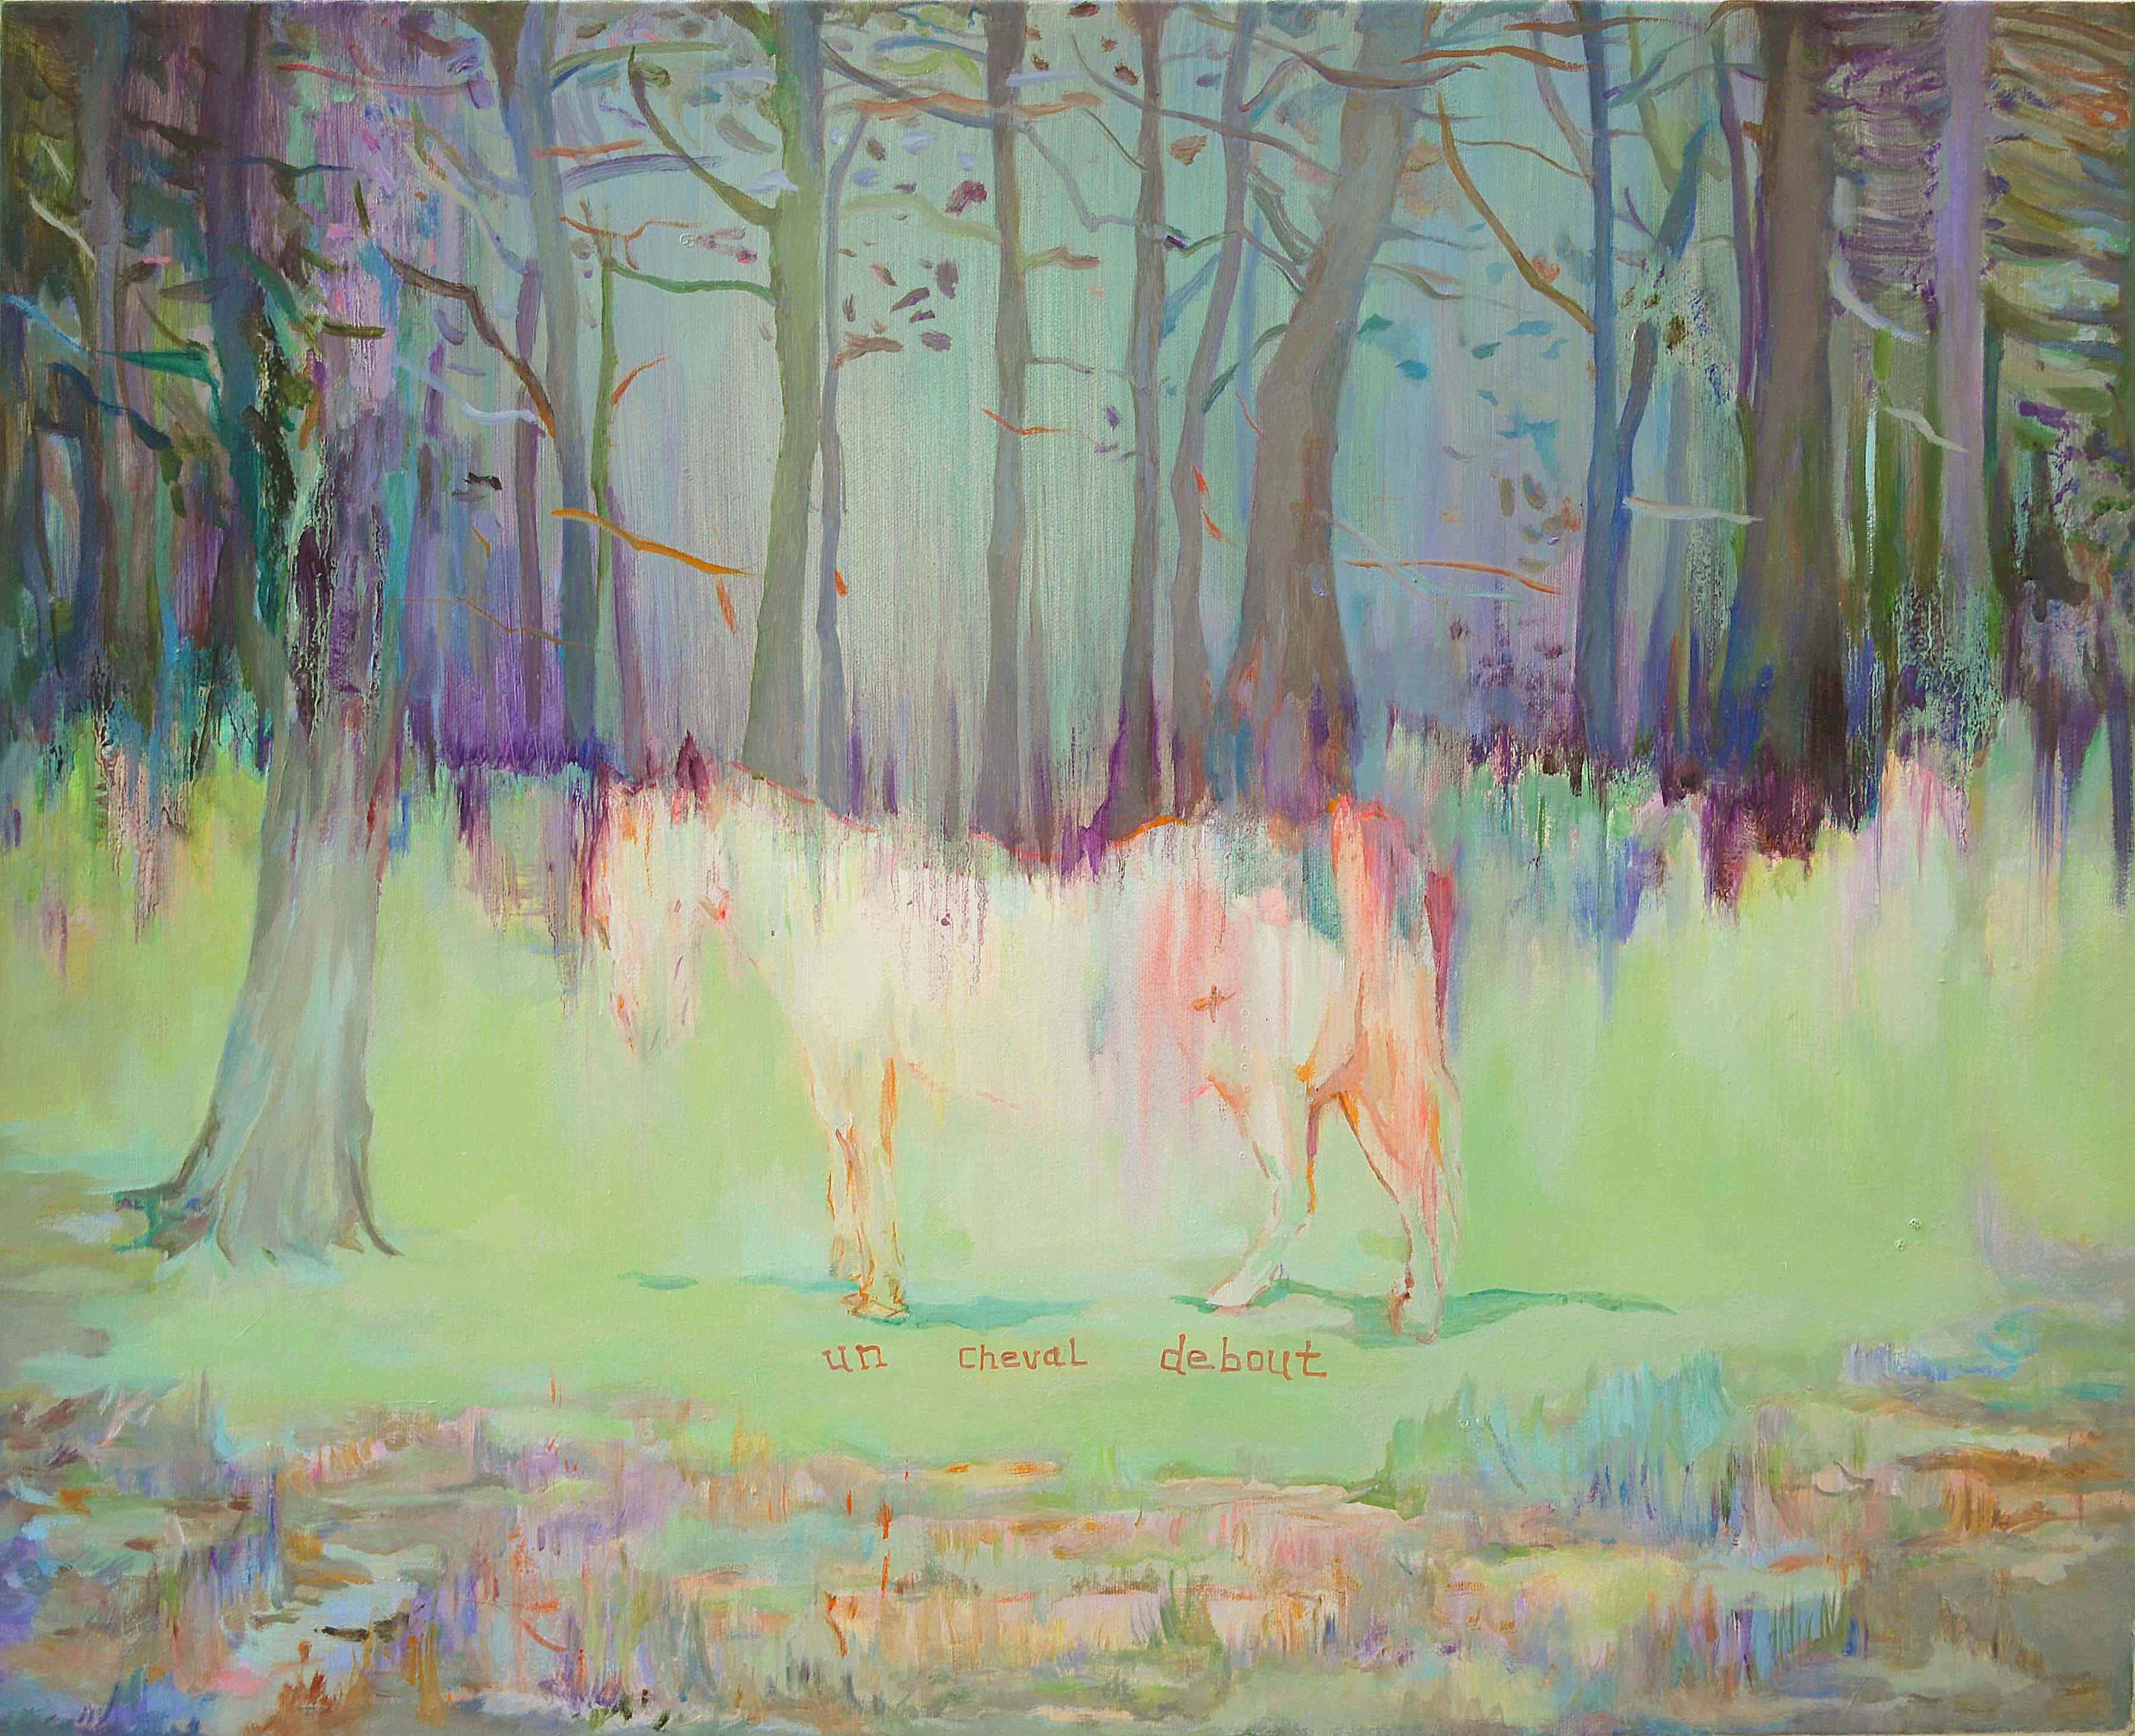 Un cheval debout (2014)